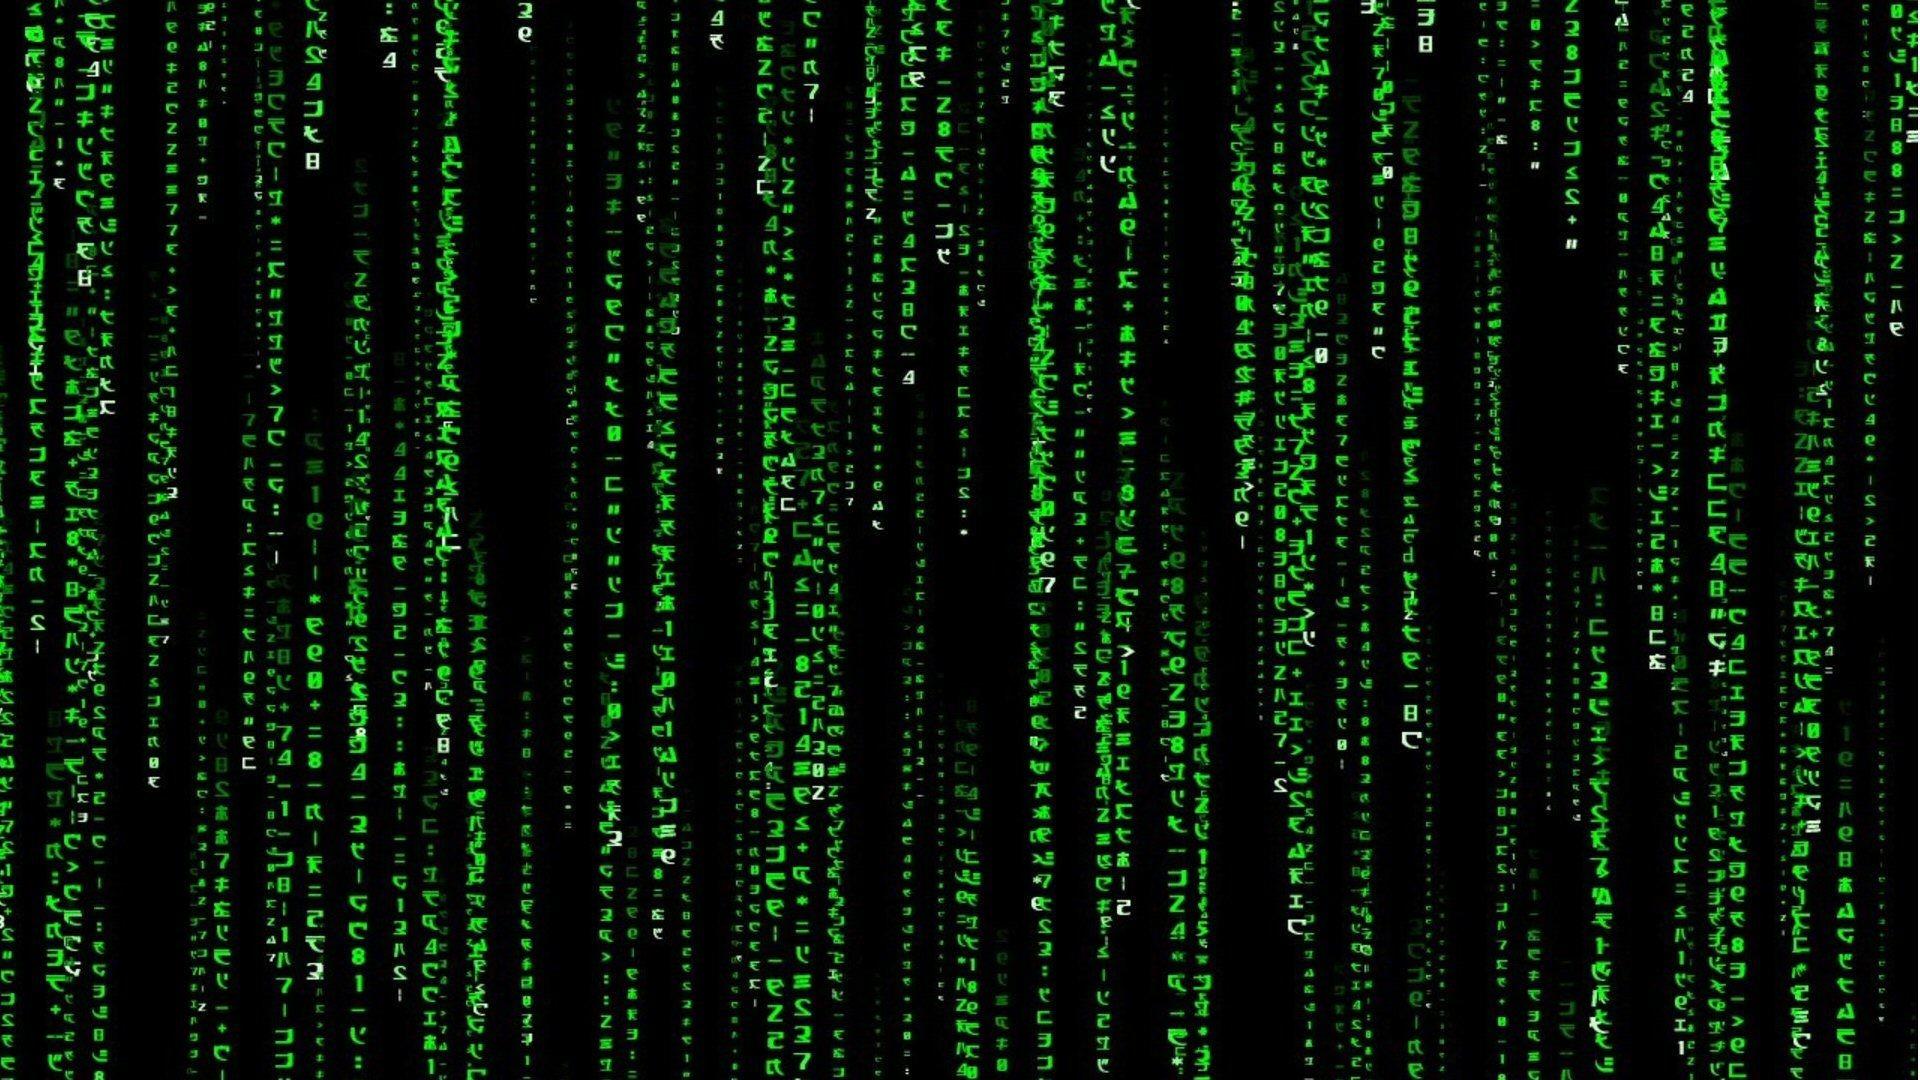 Matrix Code wallpaper 34263